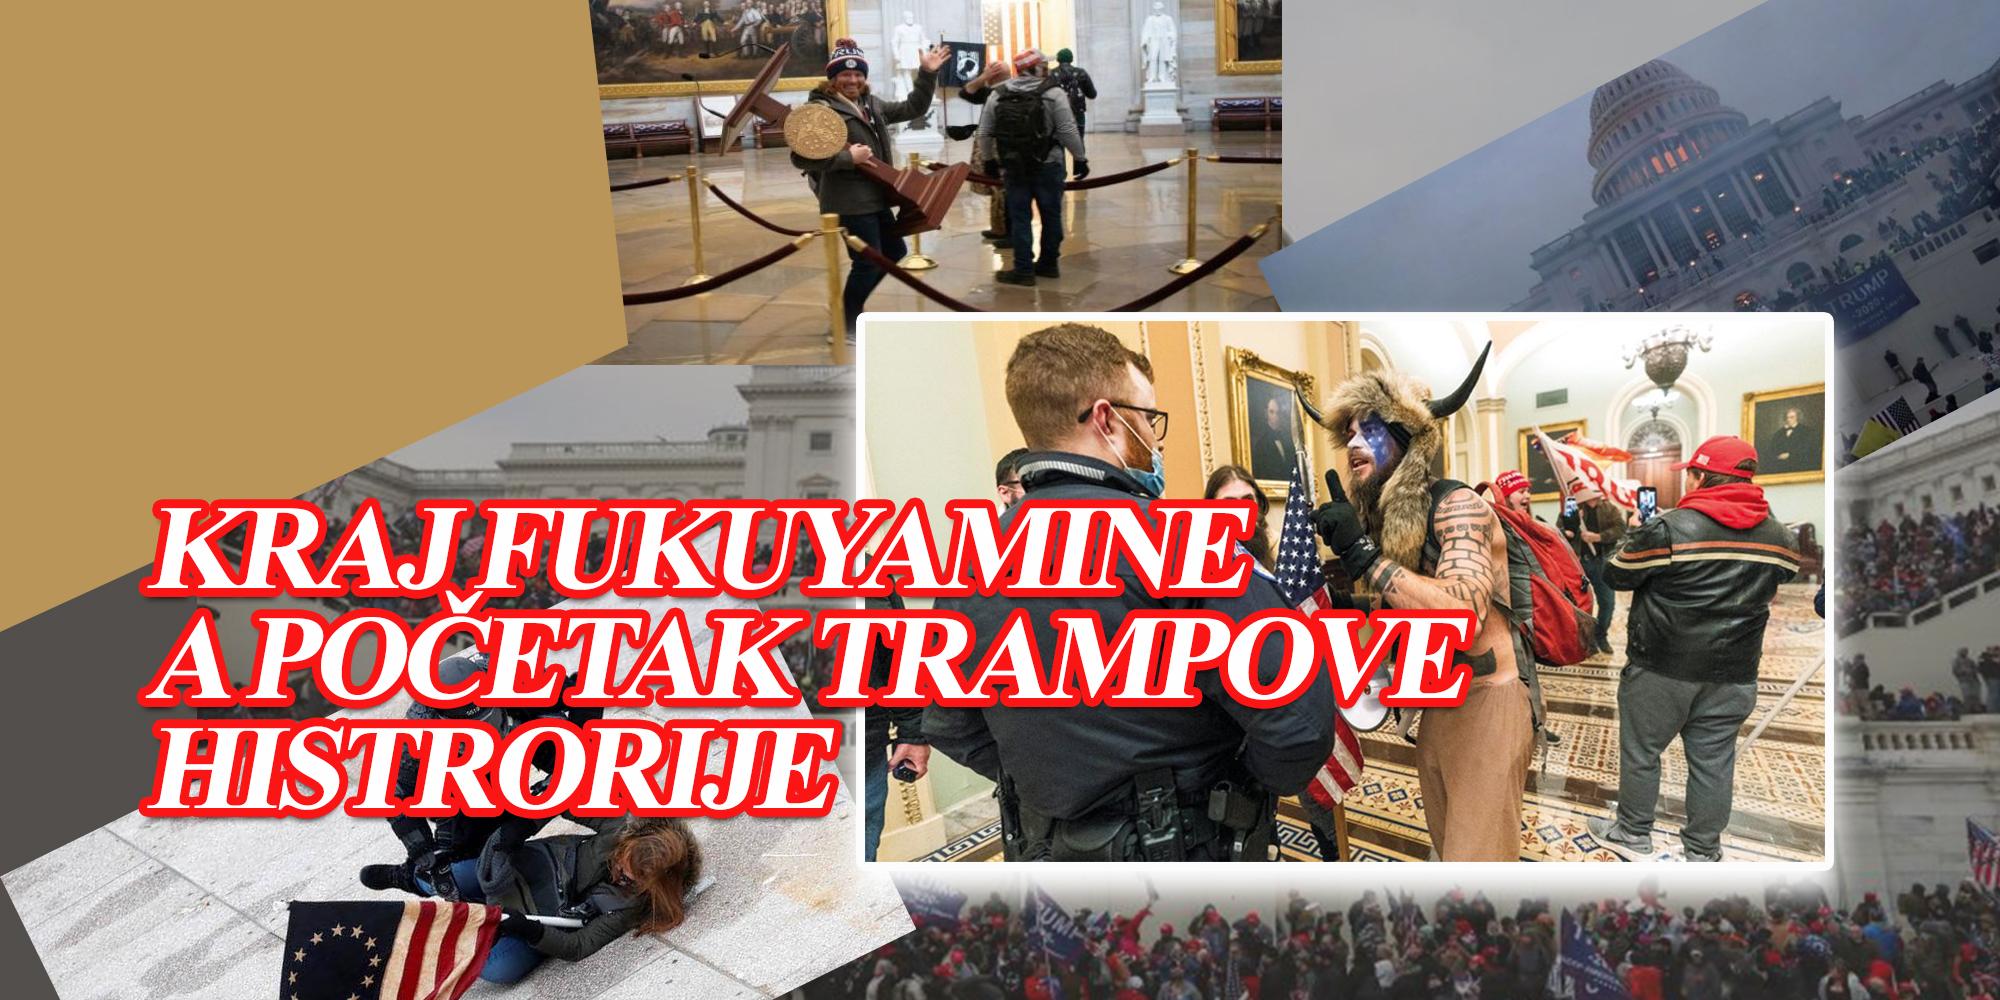 Kraj Fukuyamine a početak Trampove histrorije